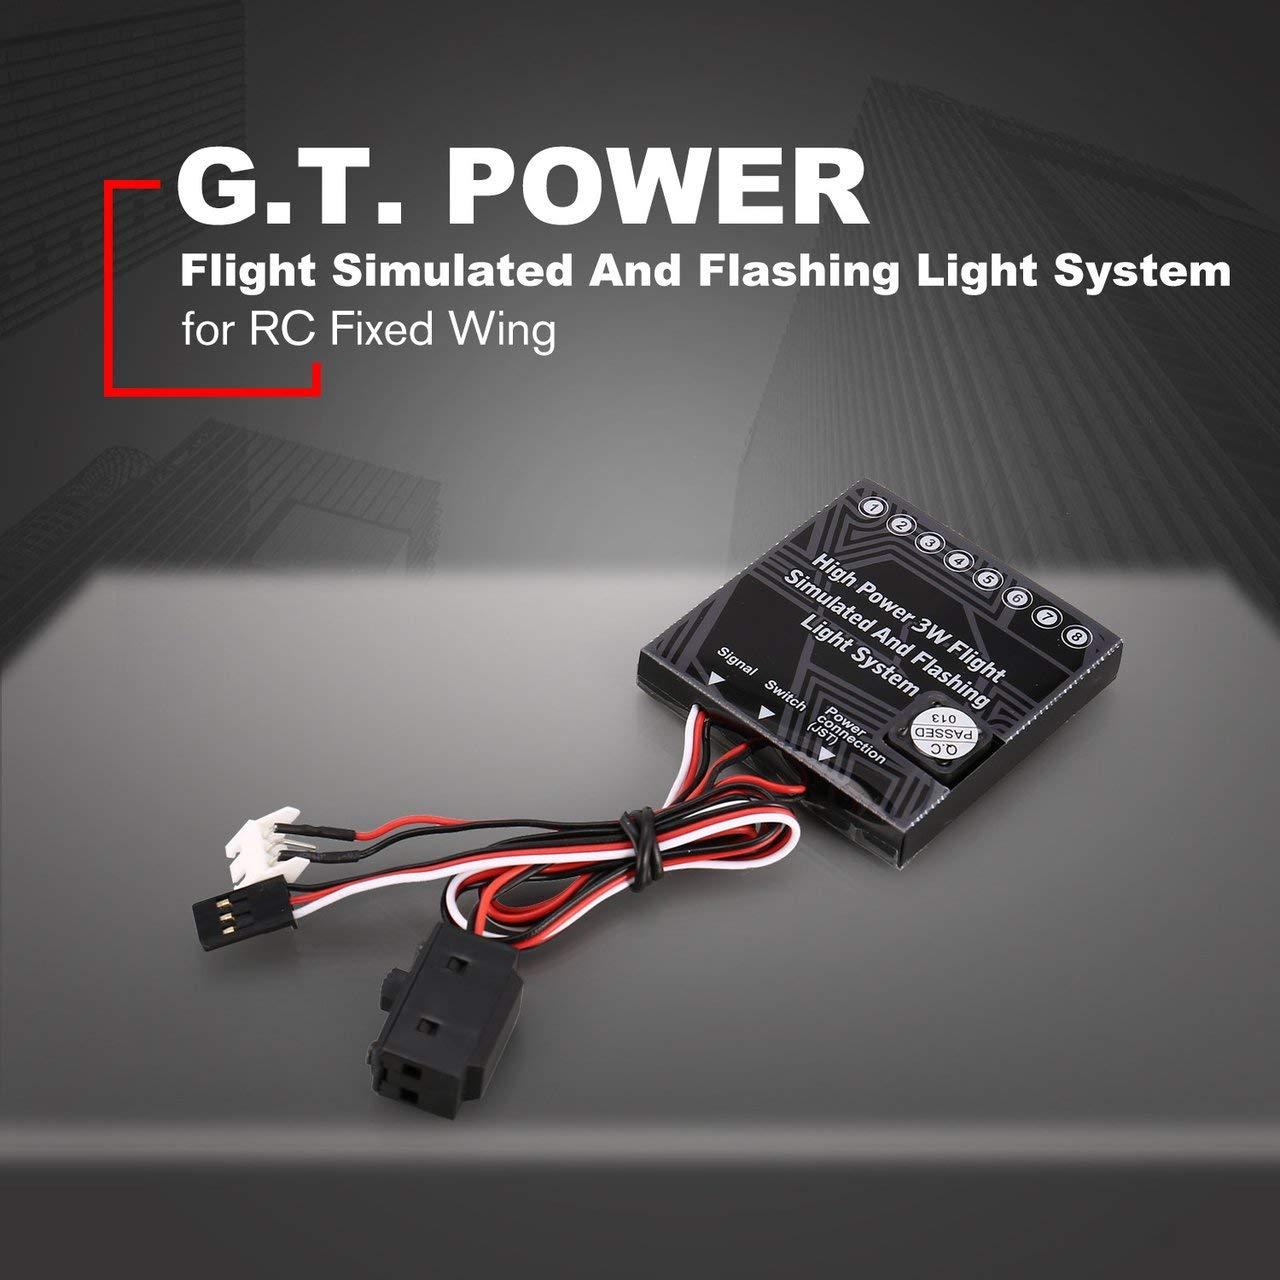 fITtprintse GT Power High Power 3W Flight Simulato Sistema di luci Lampeggianti con luci per aeromobili a Scatola di Controllo a LED per Ala Fissa RC